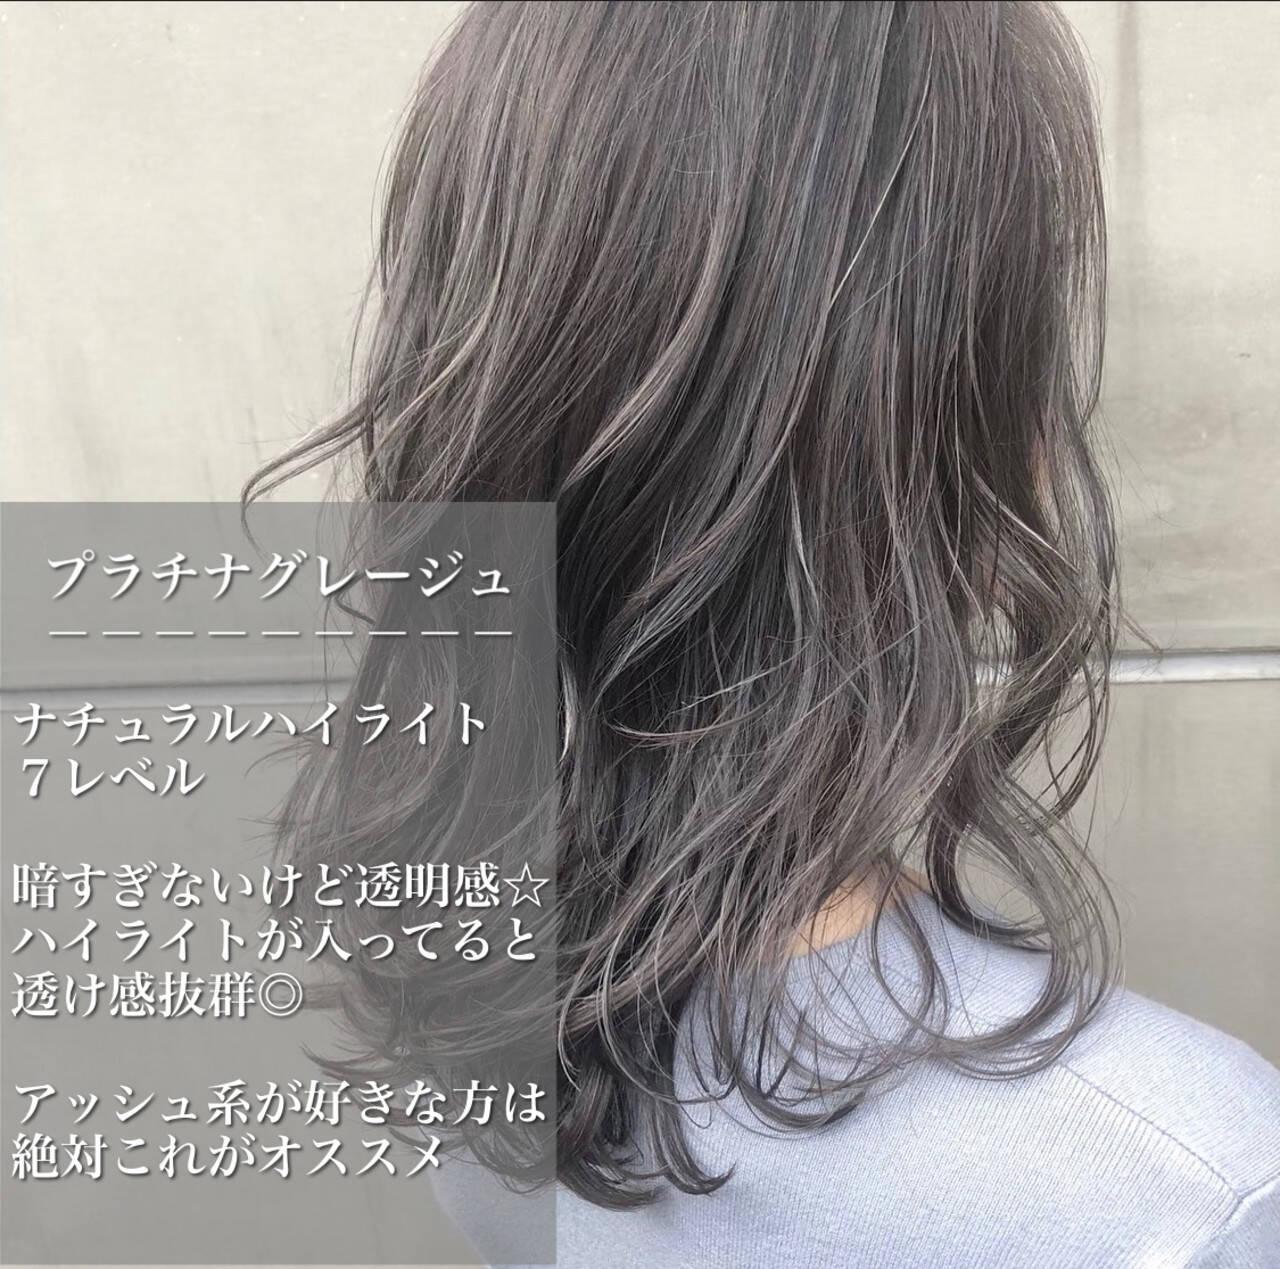 ウルフカット セミロング ミニボブ ショートヘアヘアスタイルや髪型の写真・画像